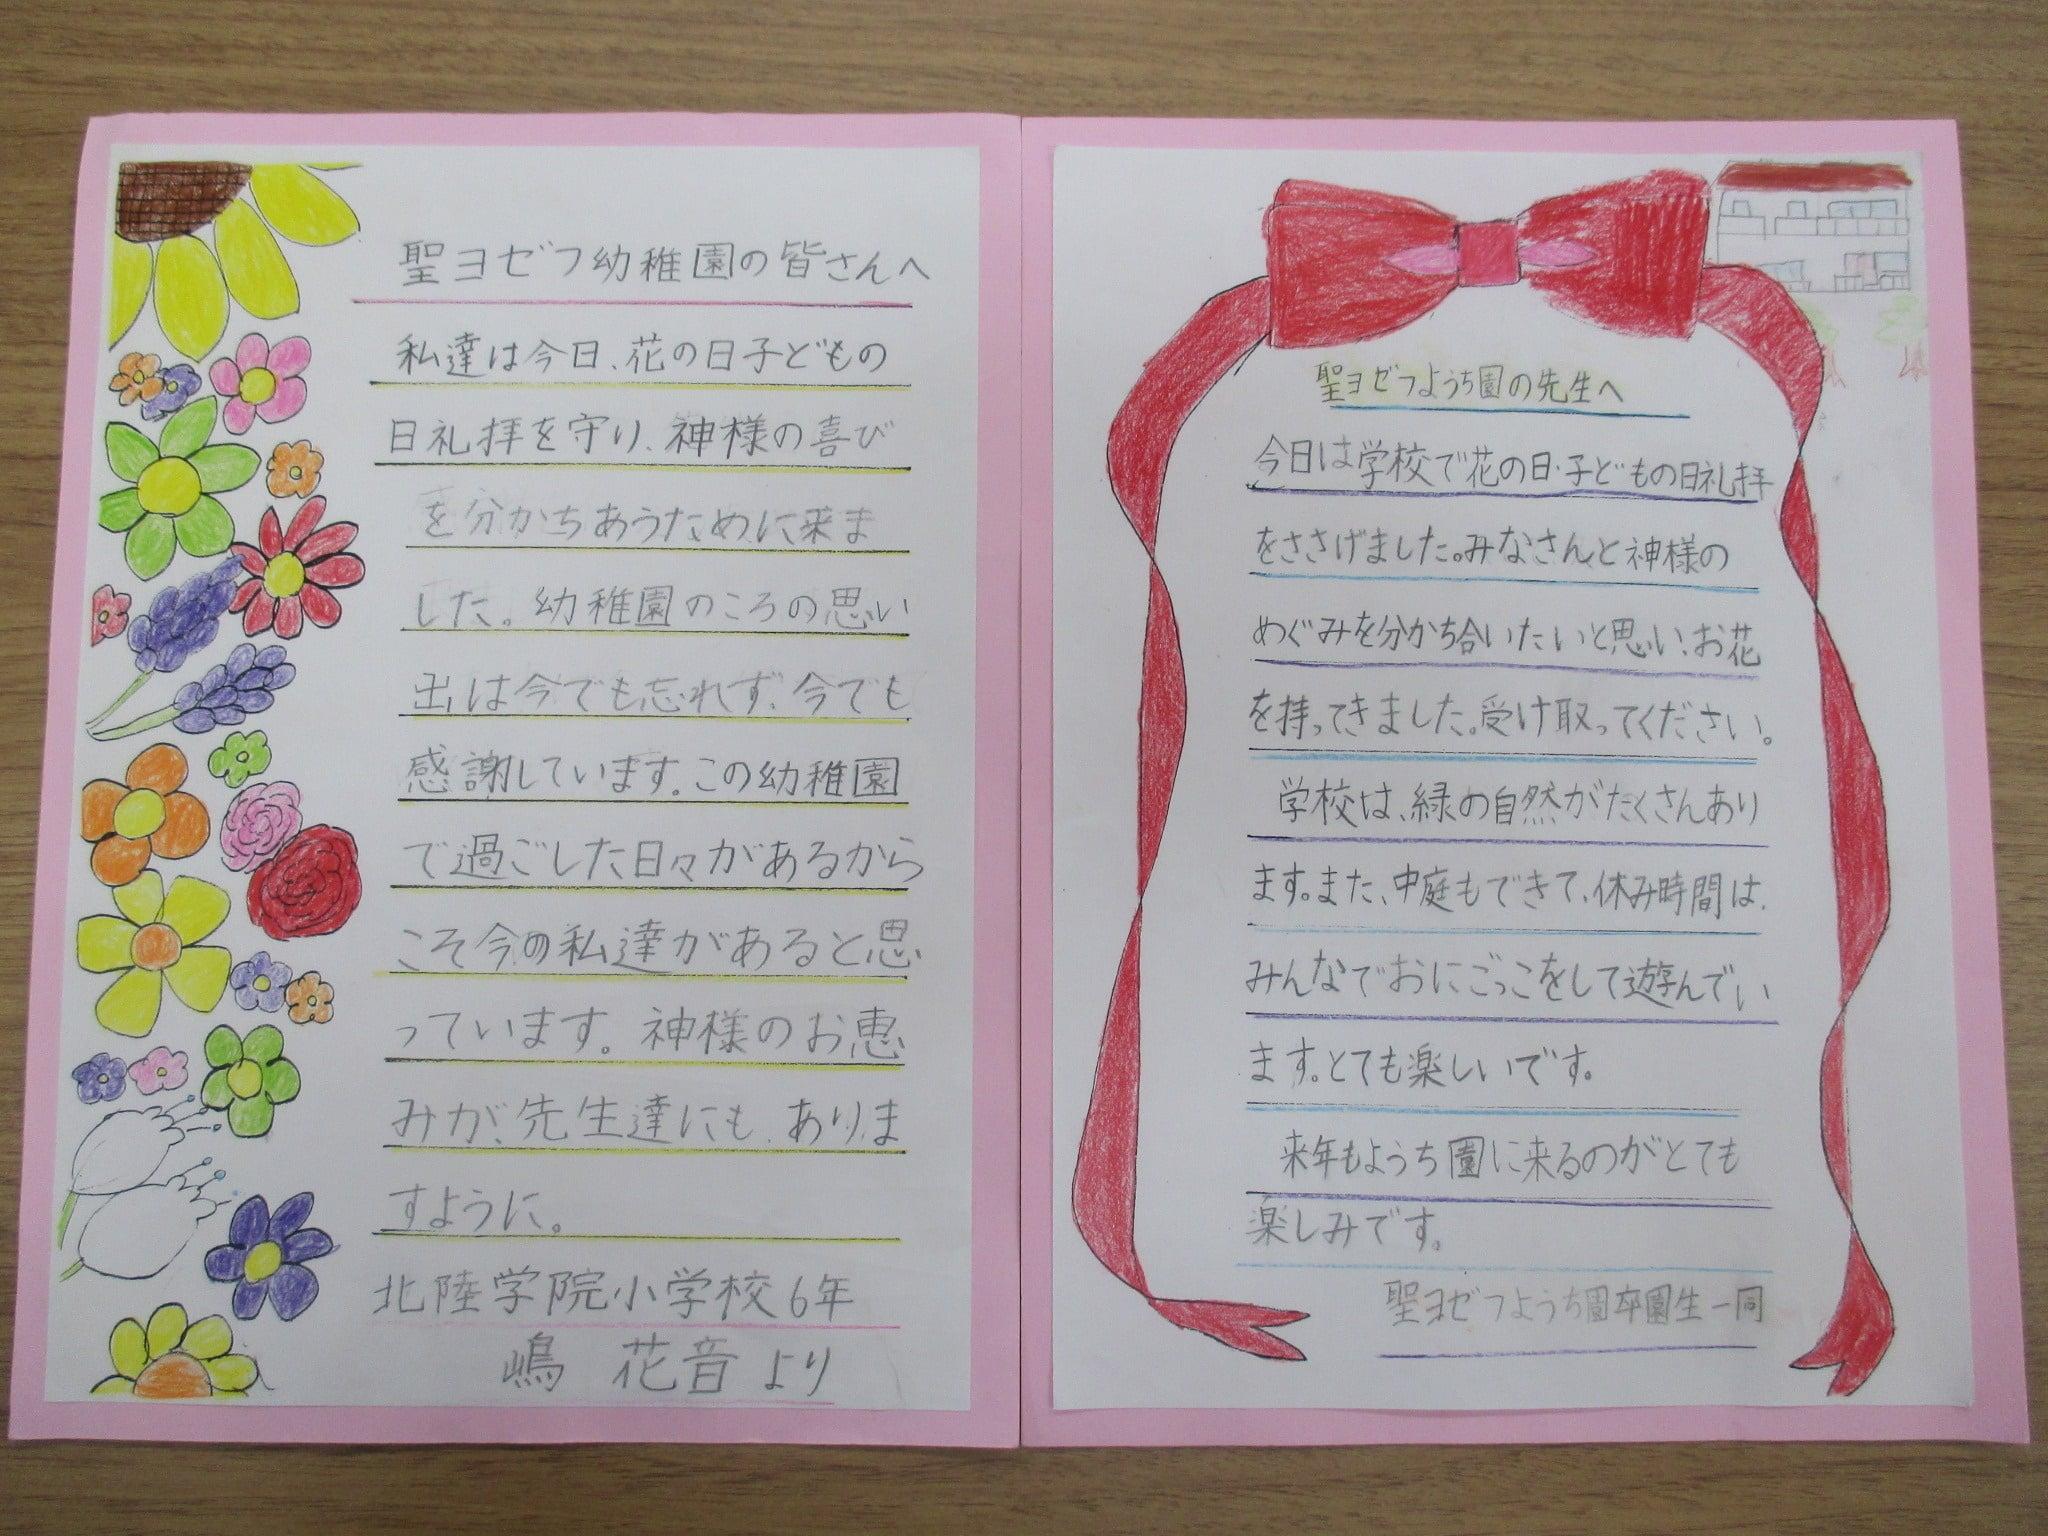 幼稚園 先生 お礼 メッセージ